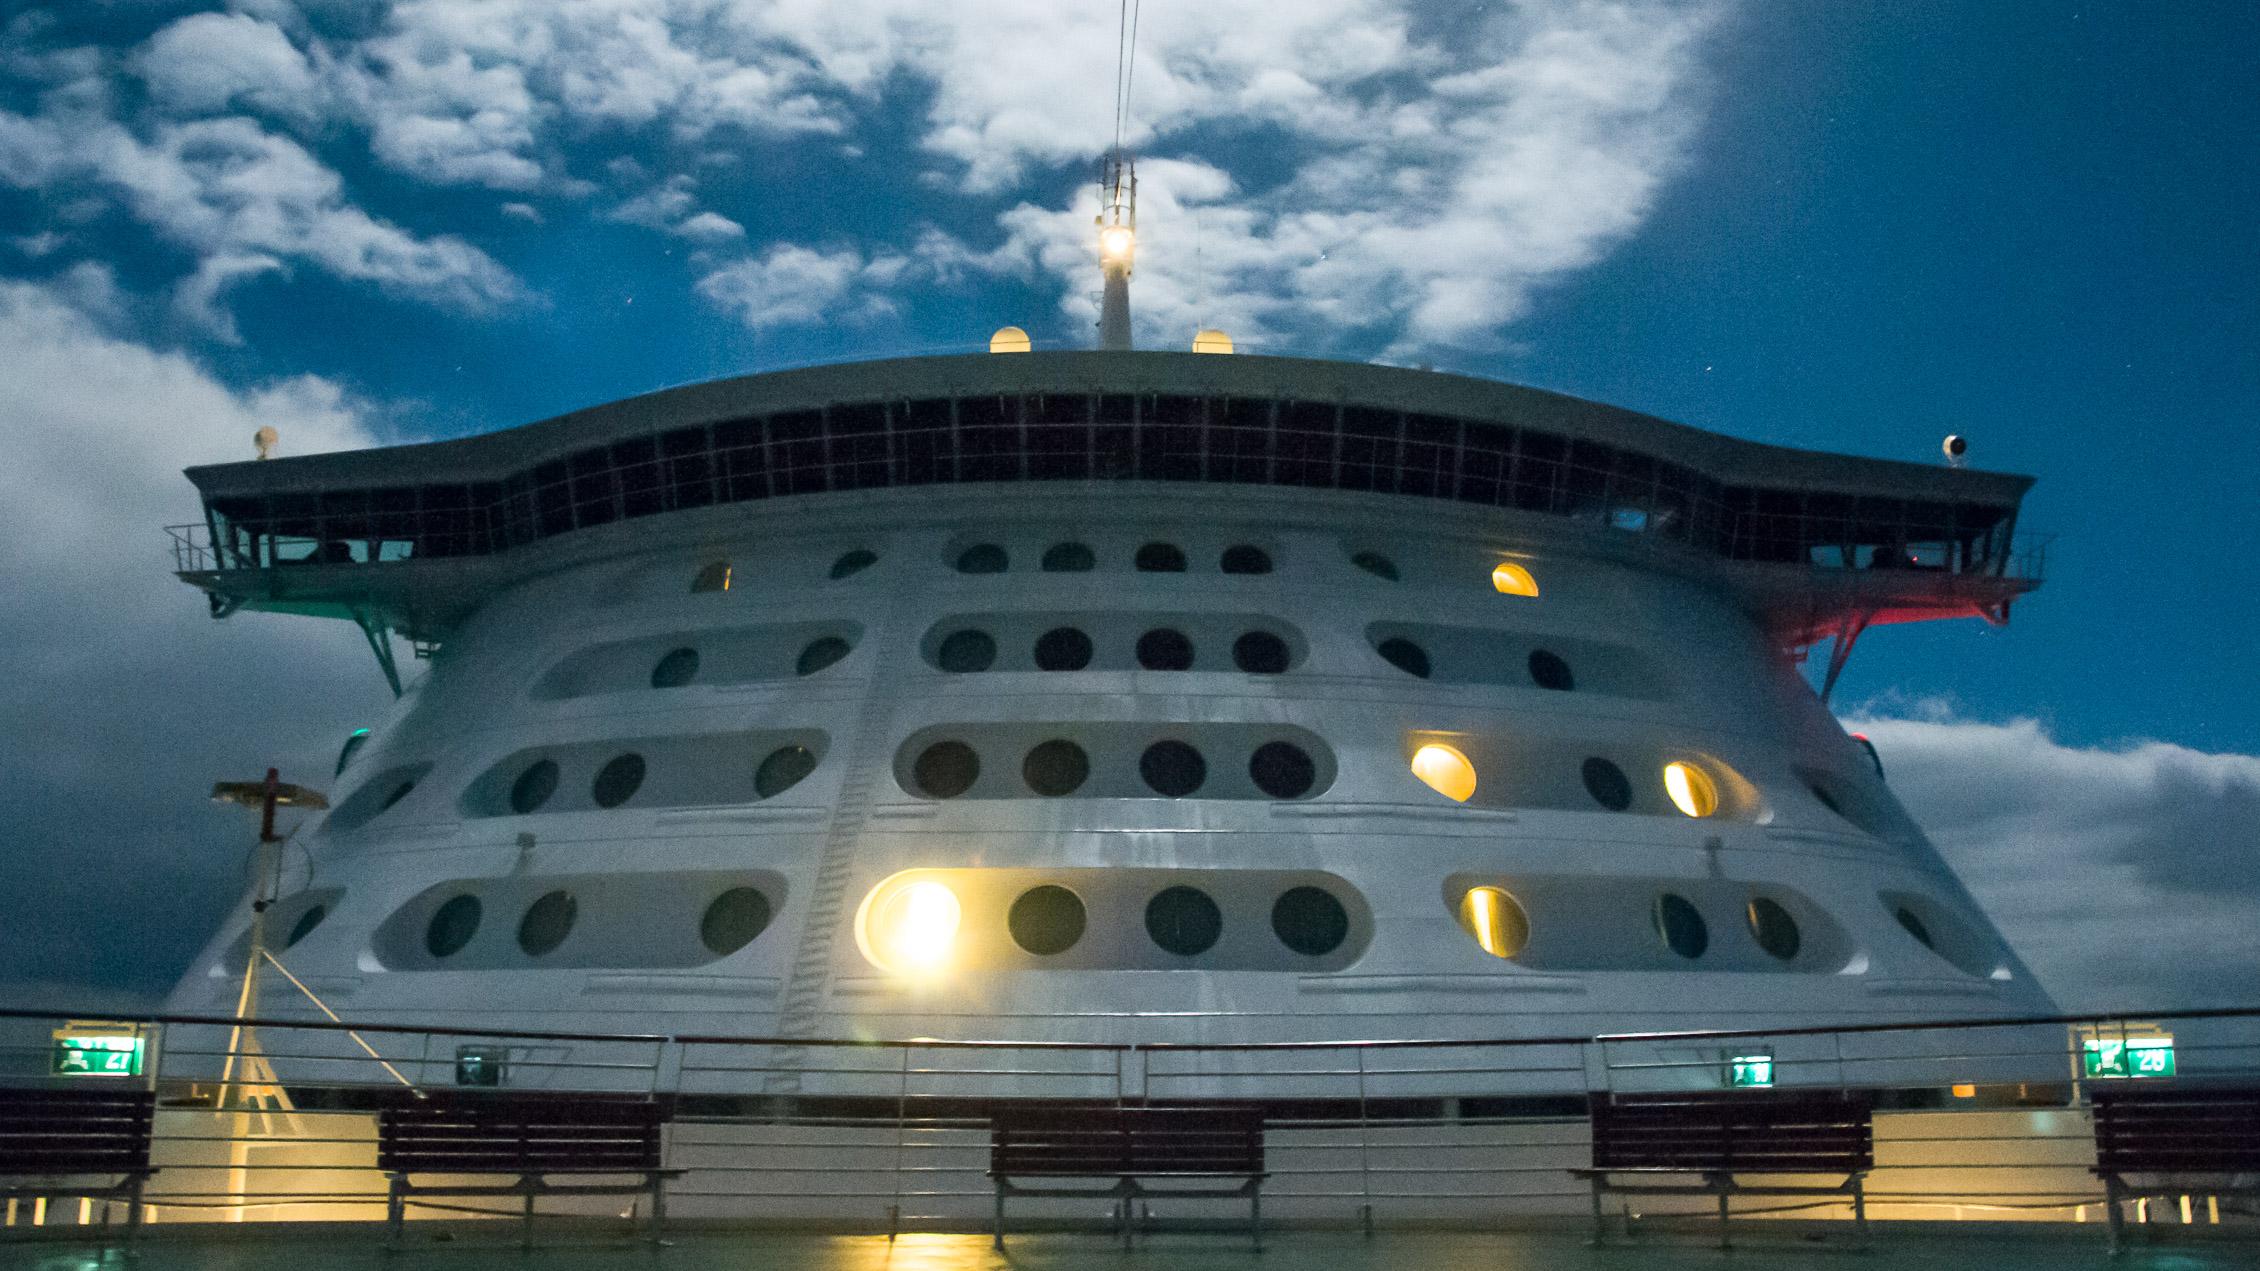 Kreuzfahrt Navigator of the Seas